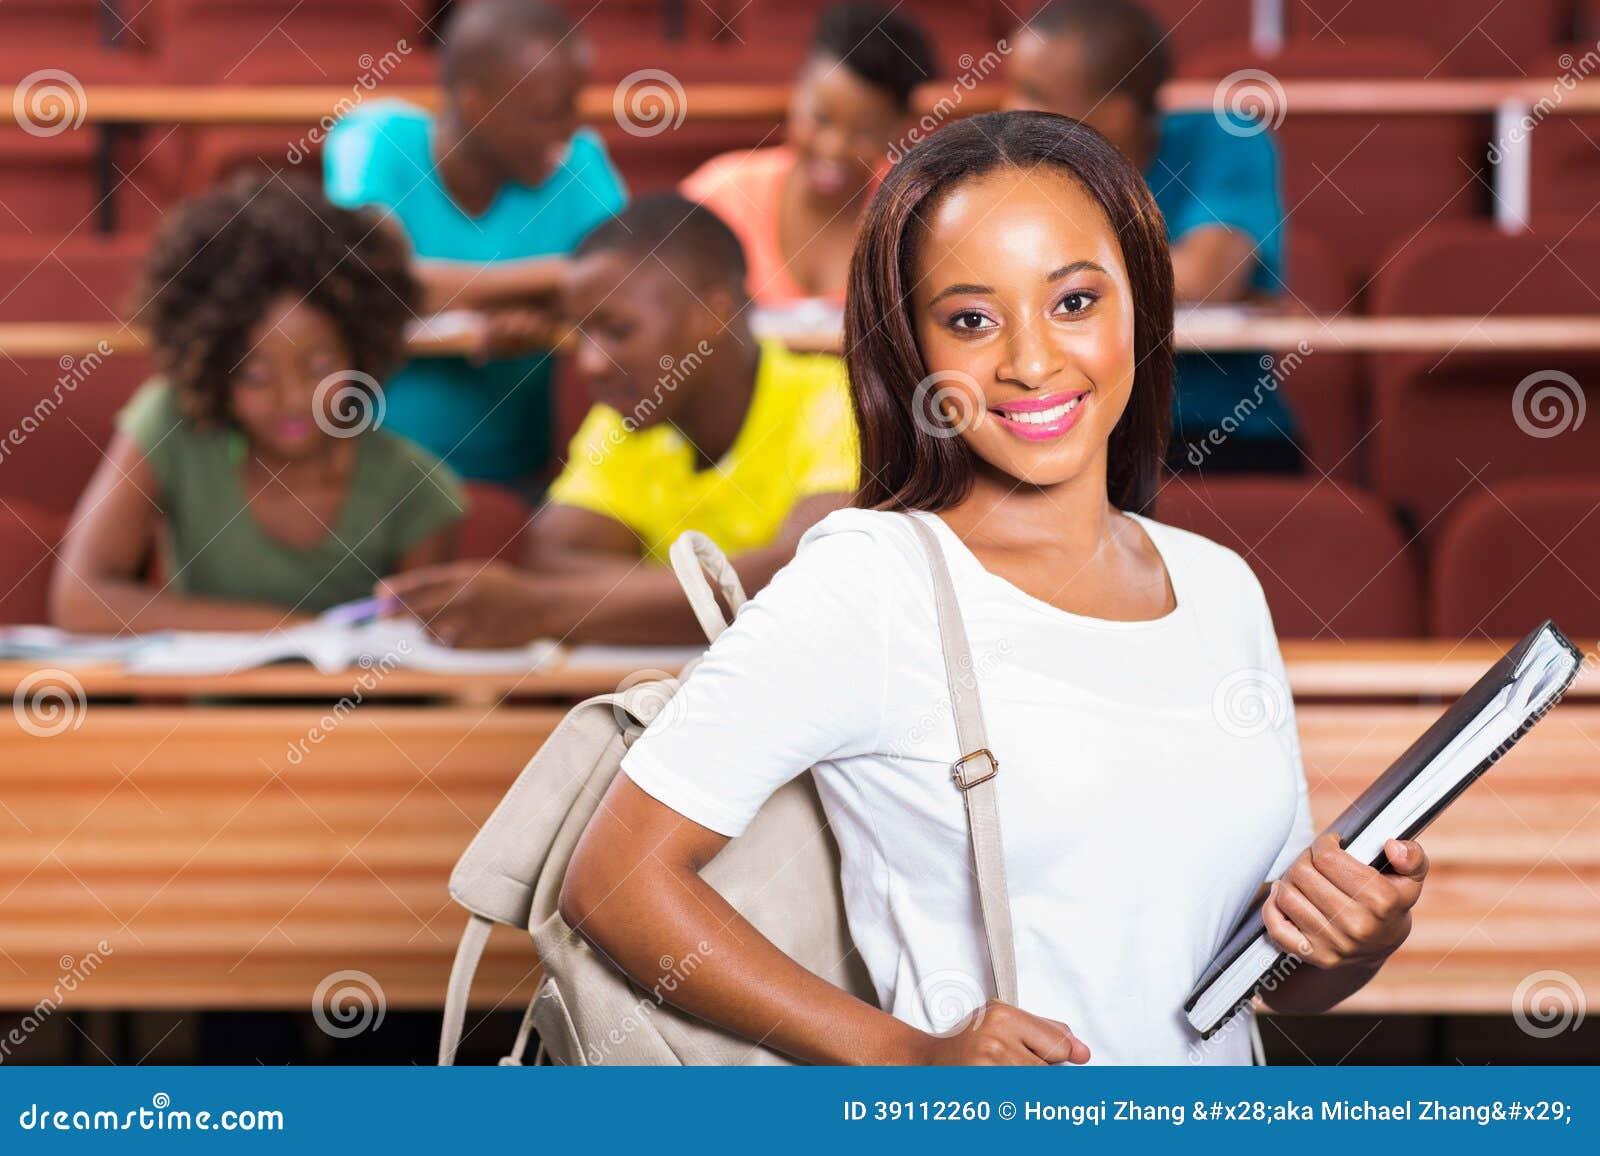 Estudante universitário africana